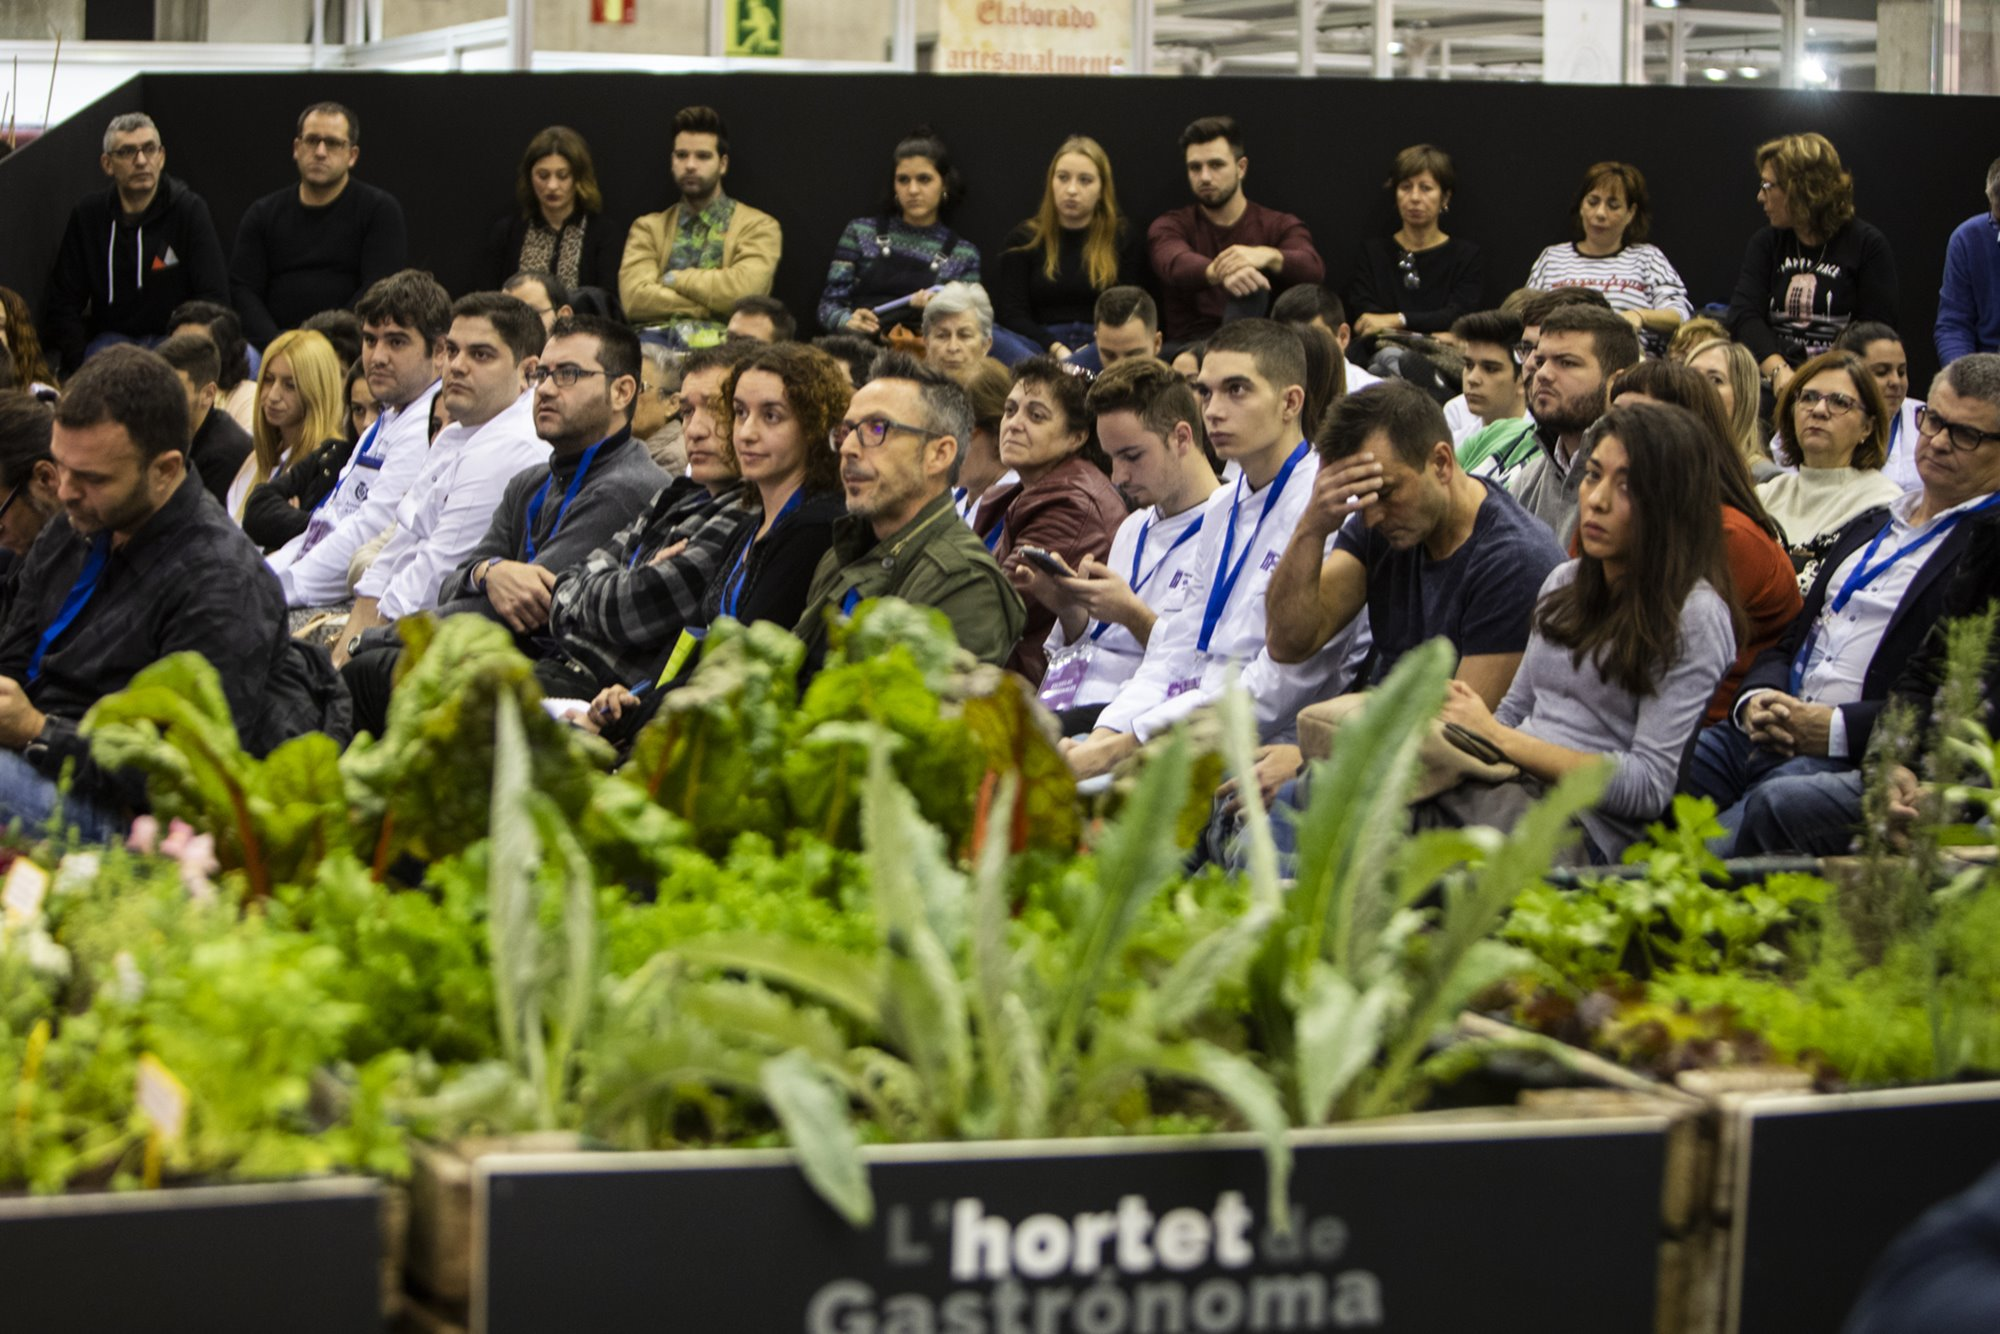 La audiencia contempla atenta las ponencias de los expertos.